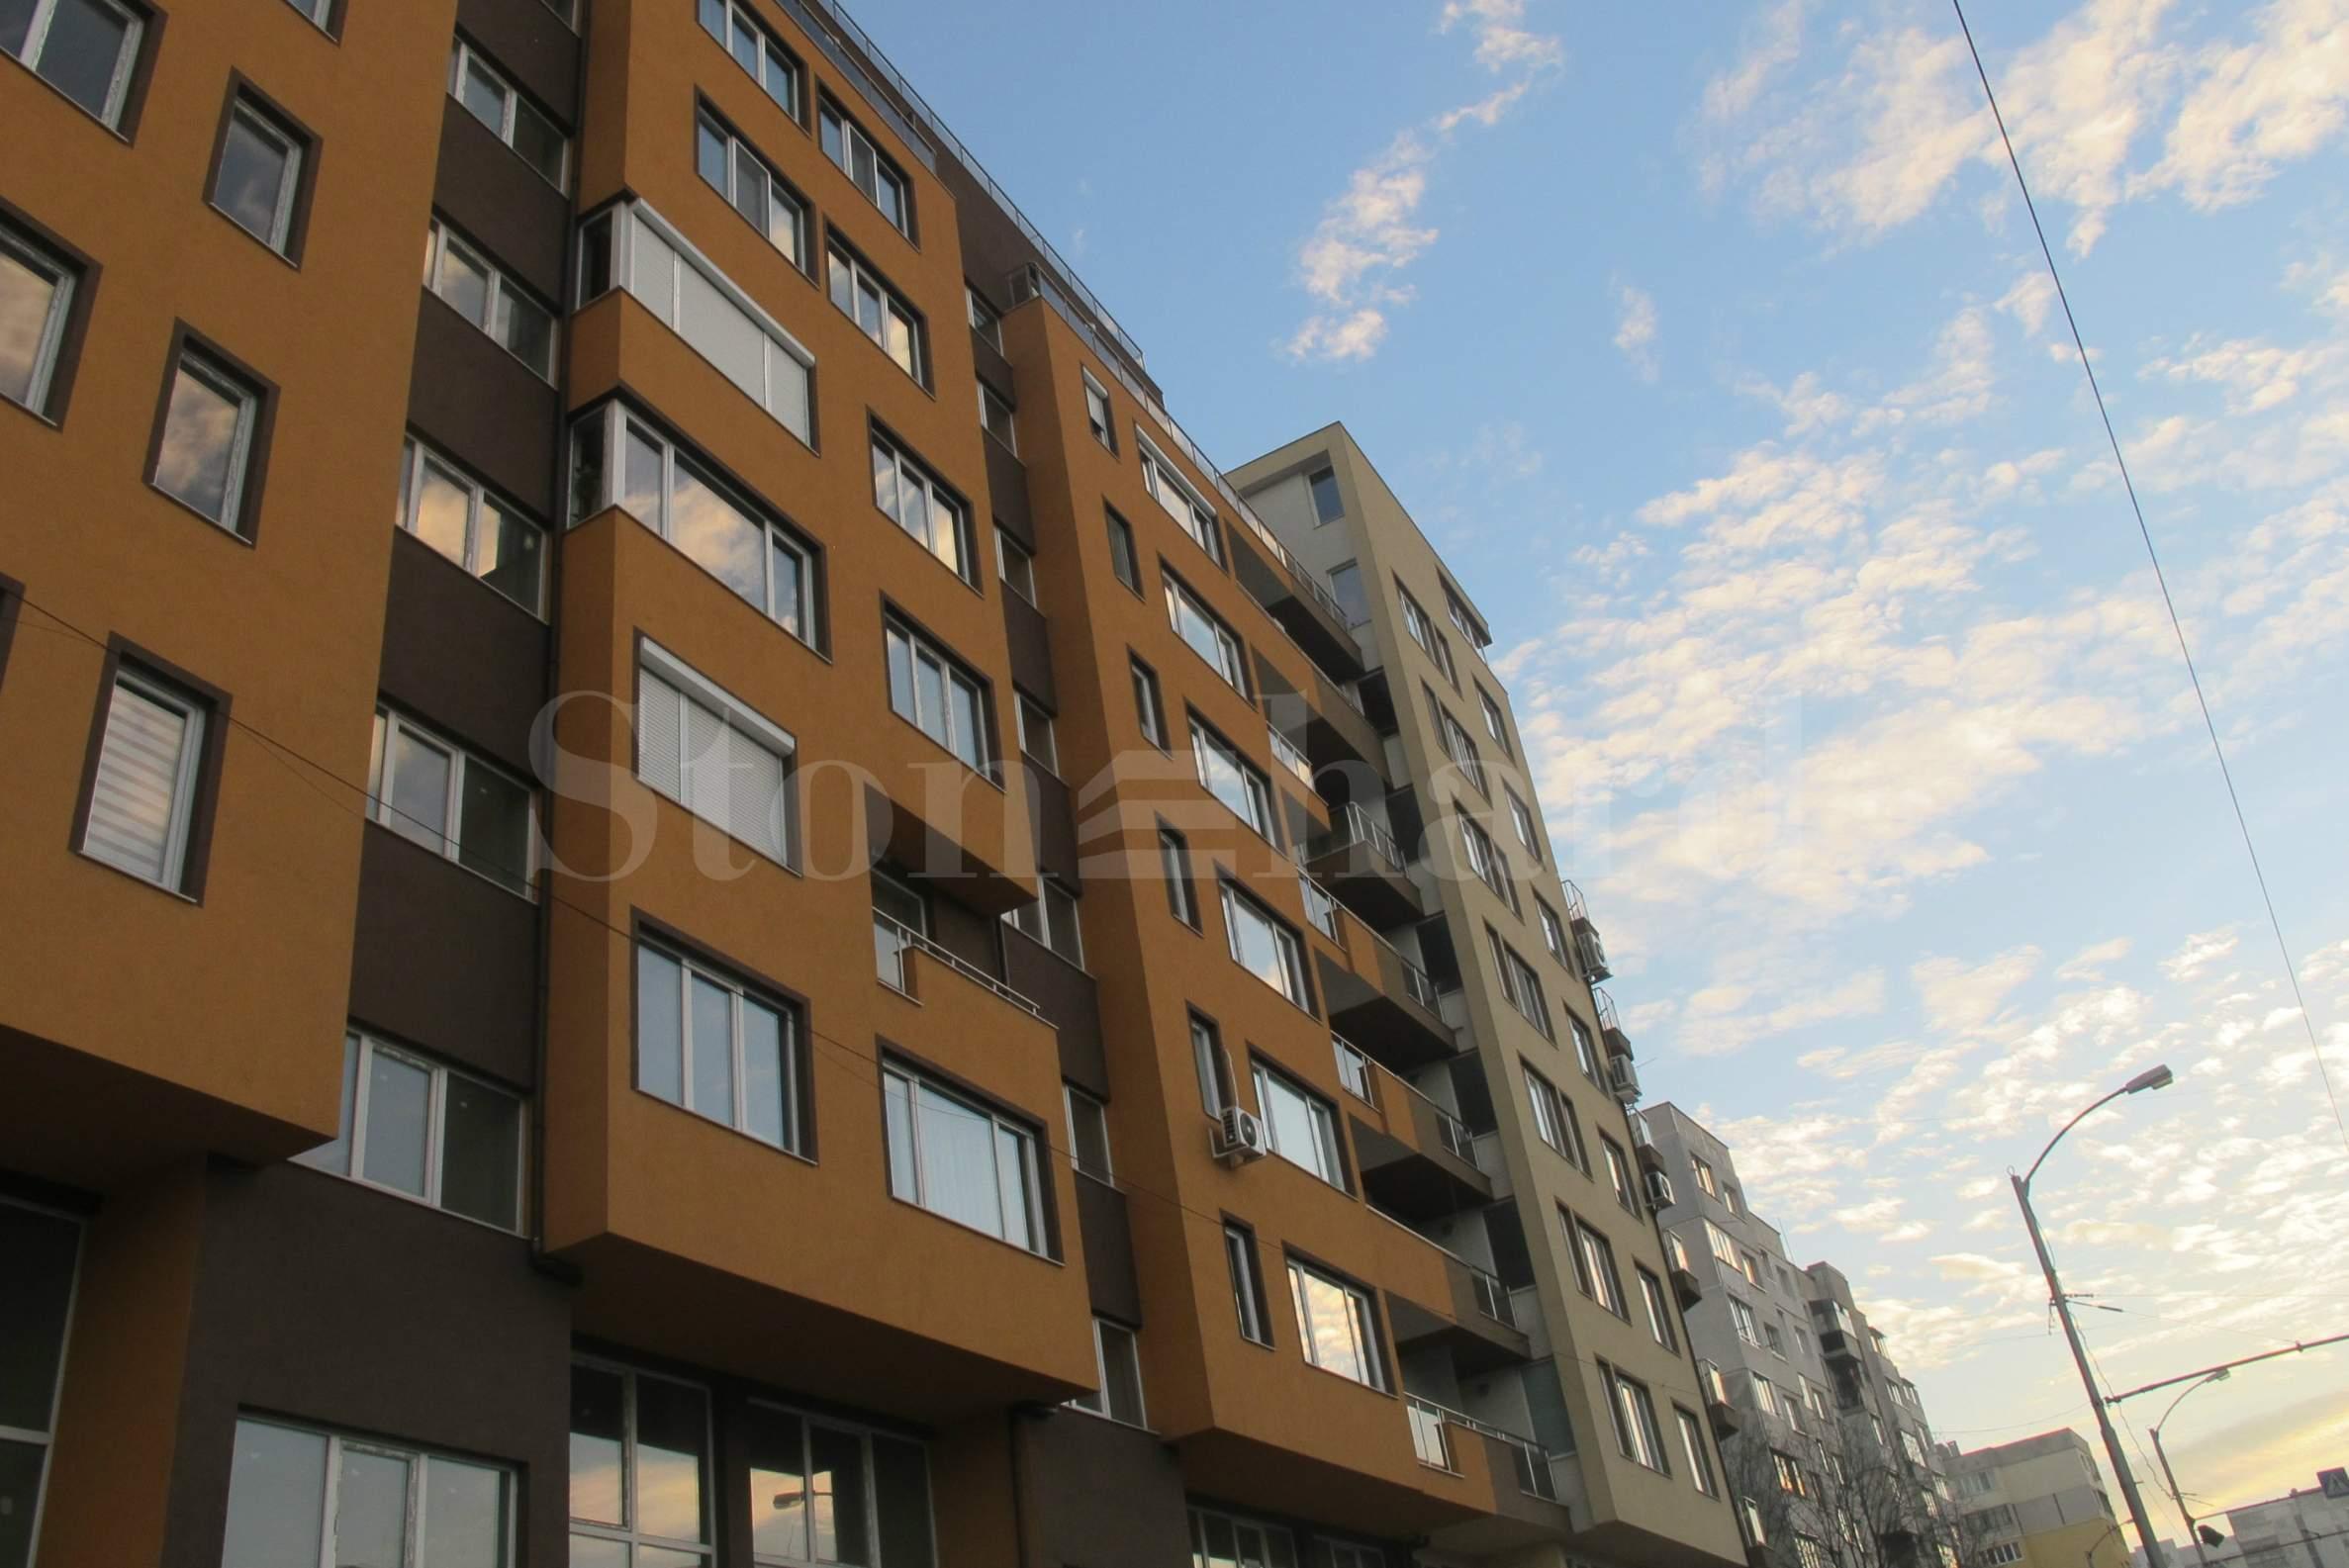 Хубави жилища с добра локация, на метри от мол и метростанция1 - Stonehard